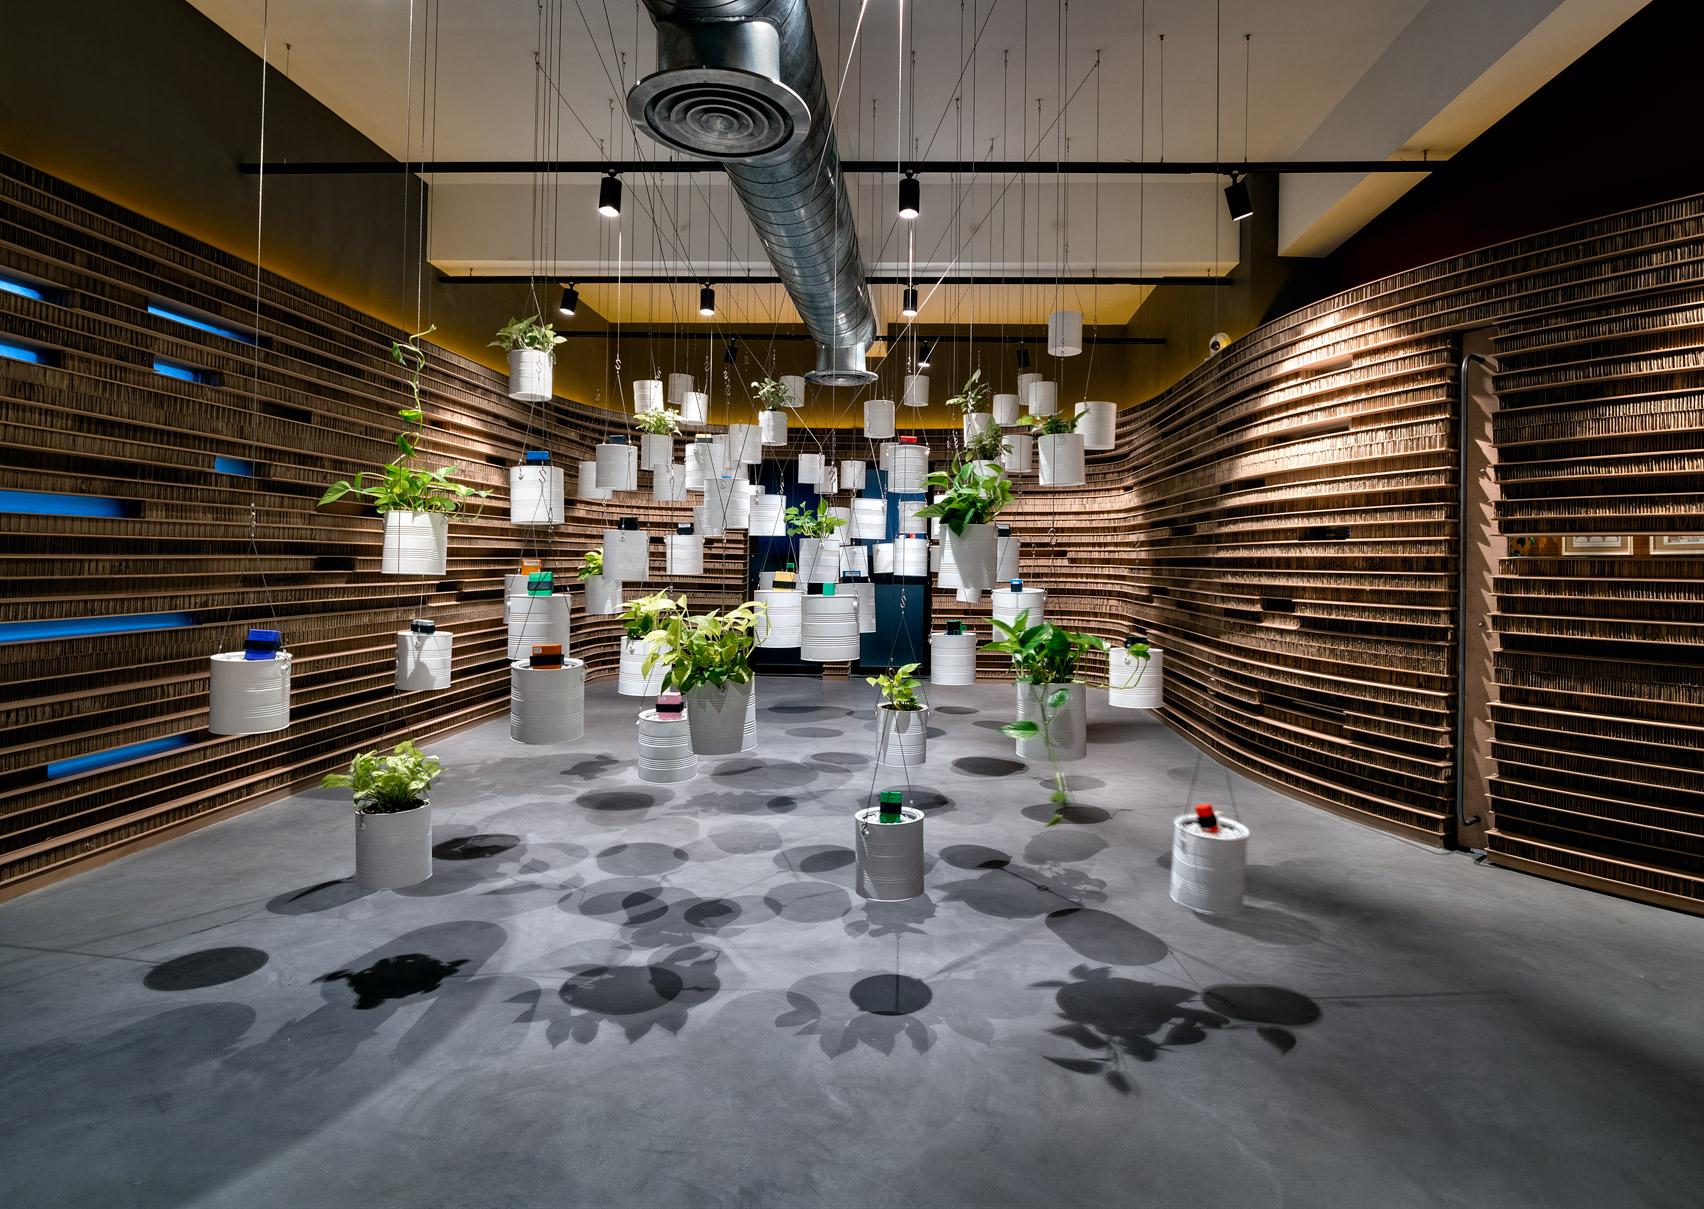 Офис из картона: фото впечатляющего экодизайна - фото 9